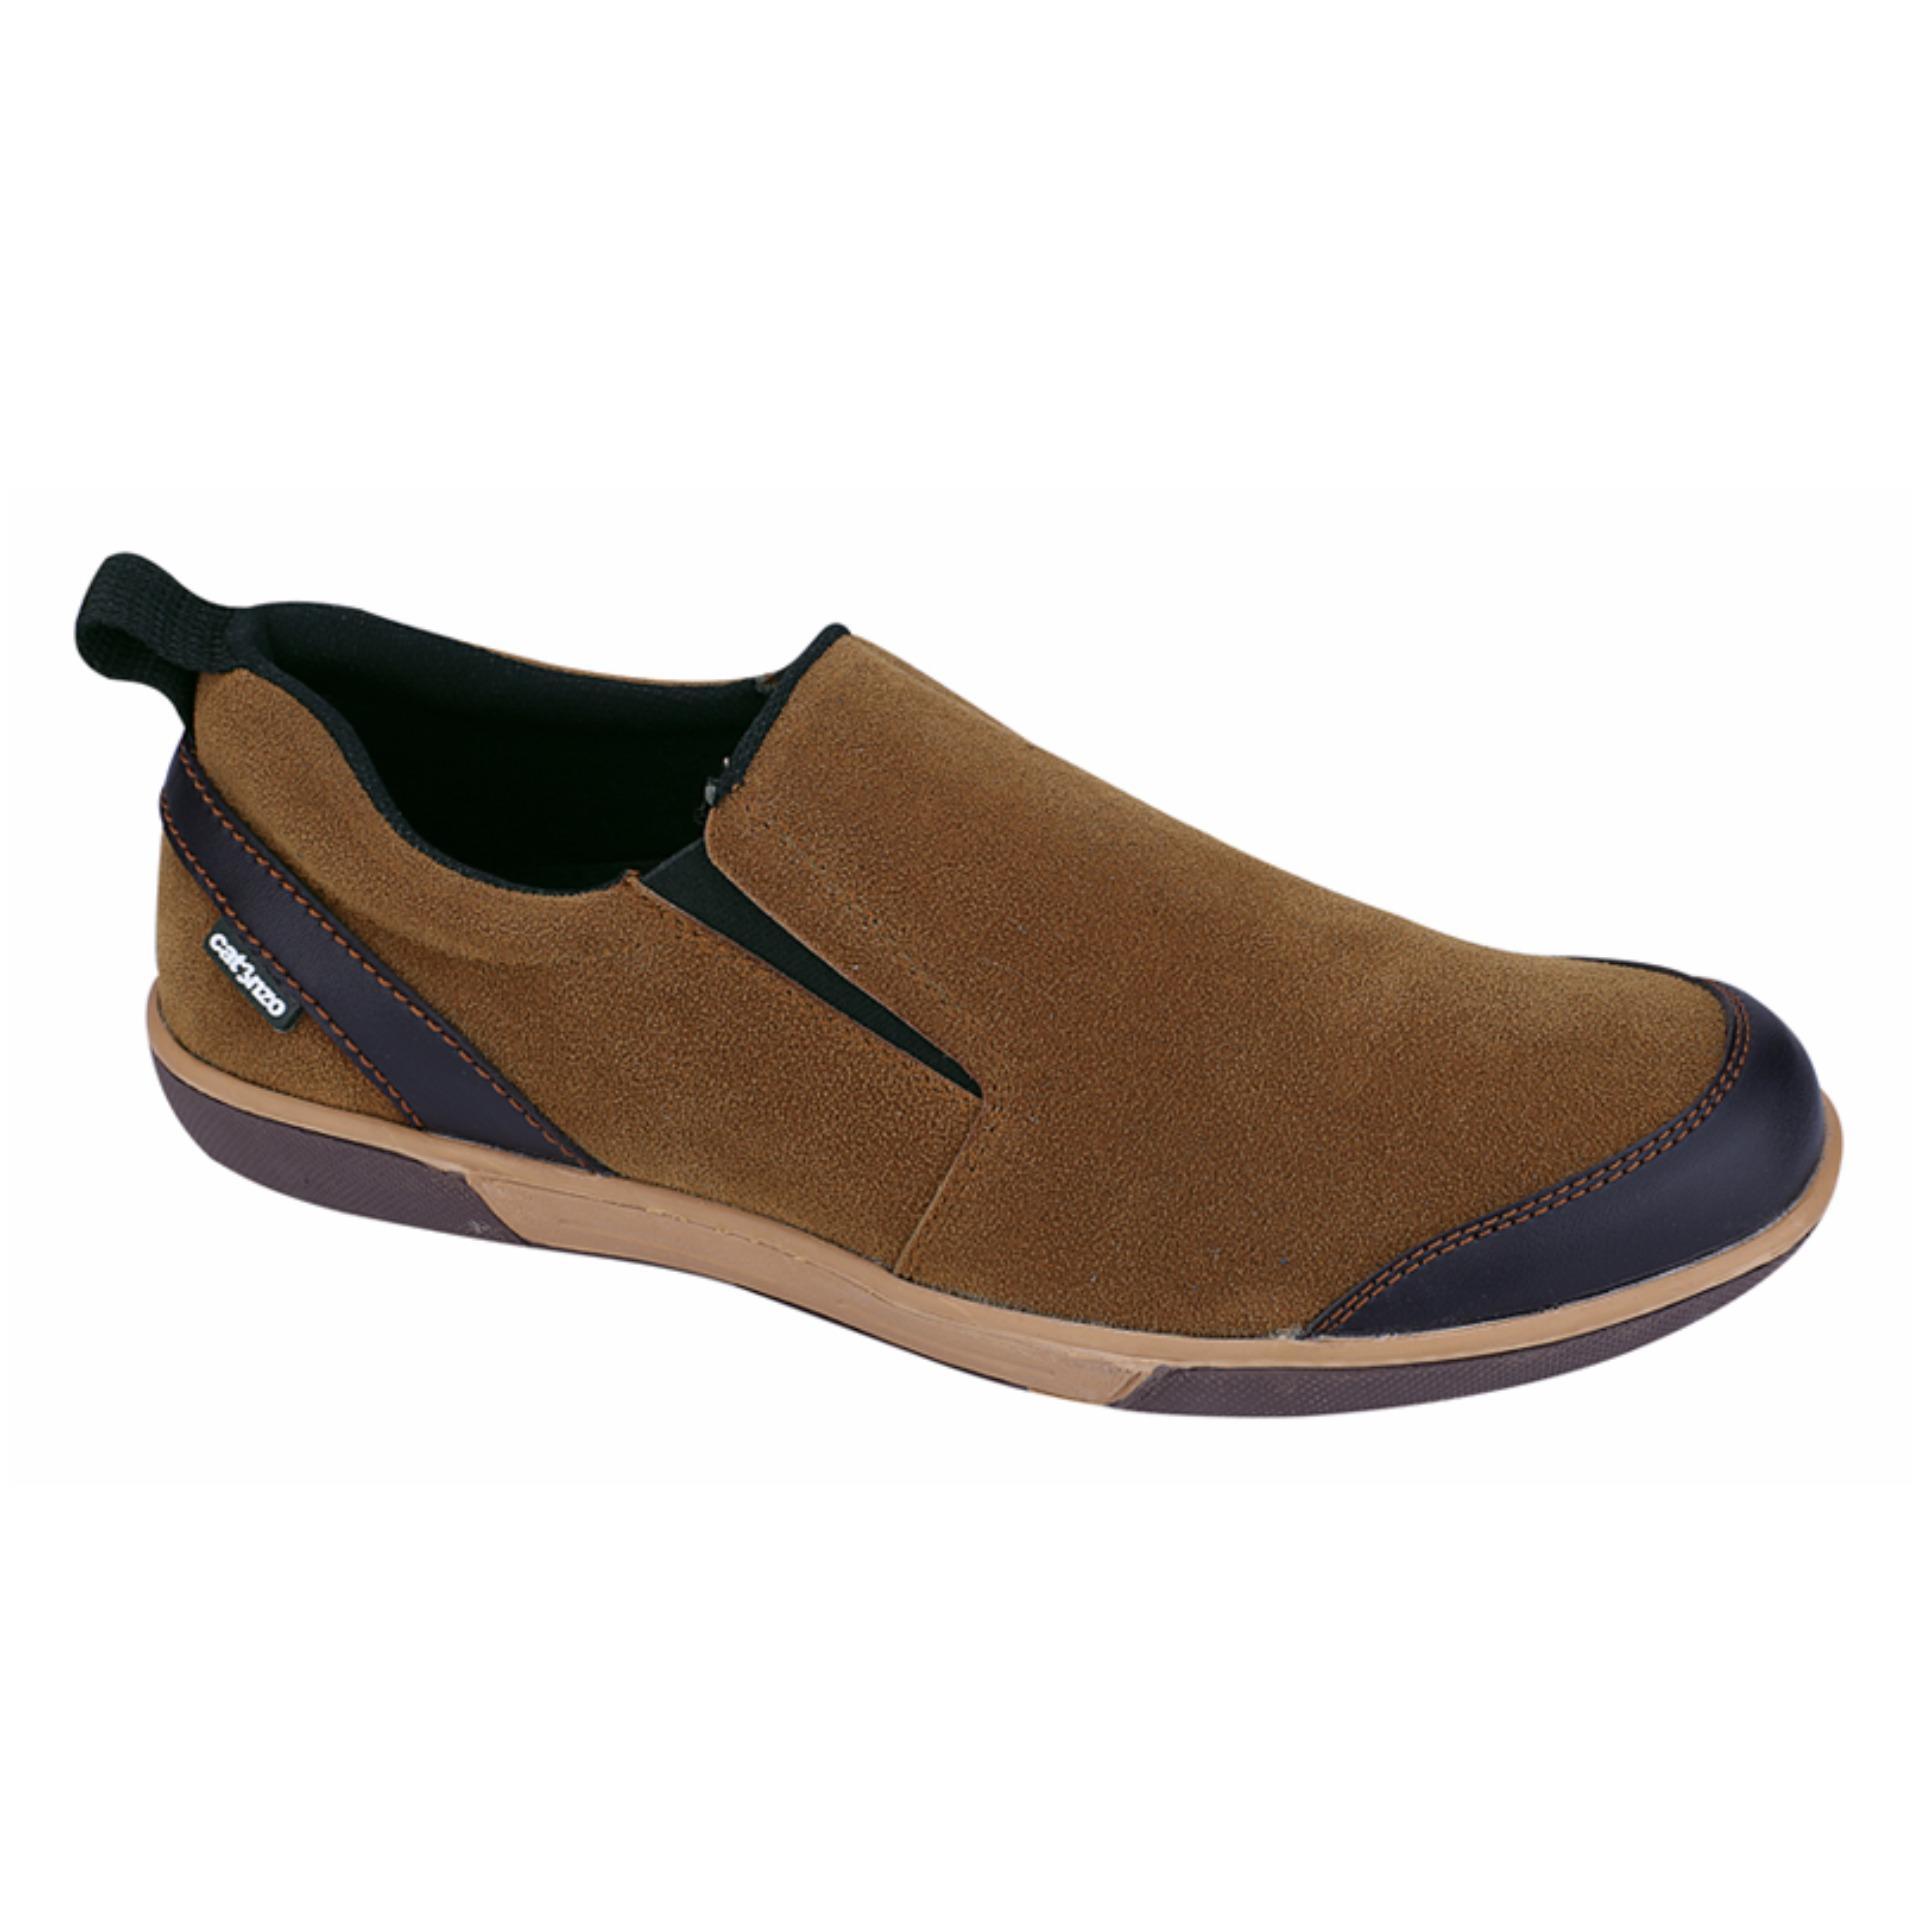 Catenzo Sepatu Slip On Pria Cooper NT 041 - Tan